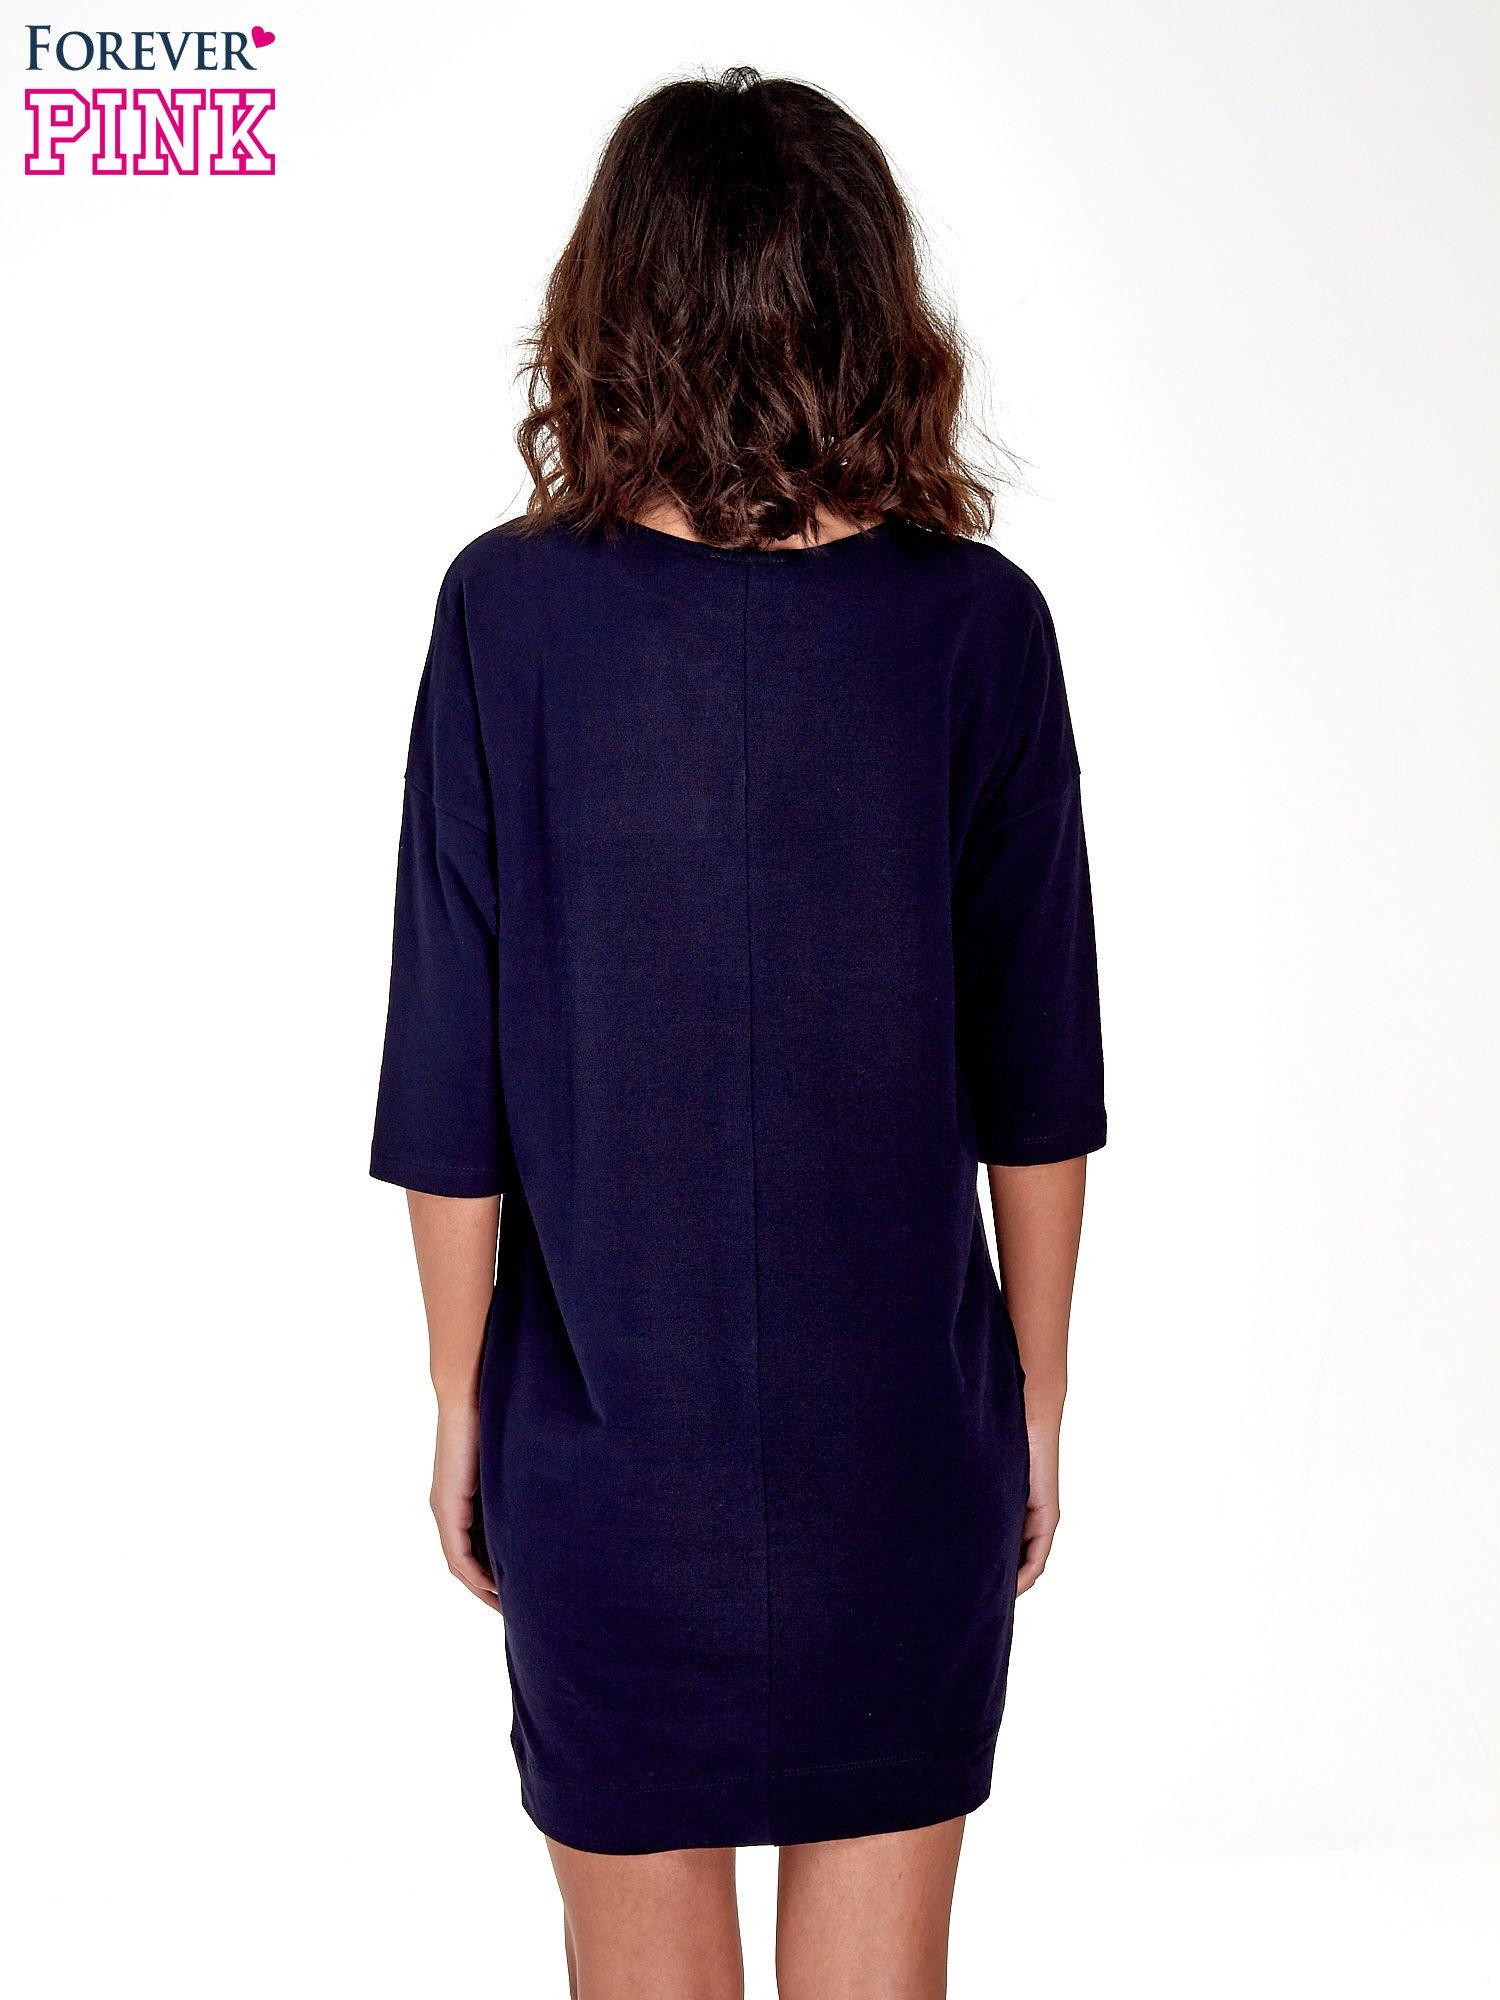 Granatowa sukienka z rękawem za łokieć                                  zdj.                                  4